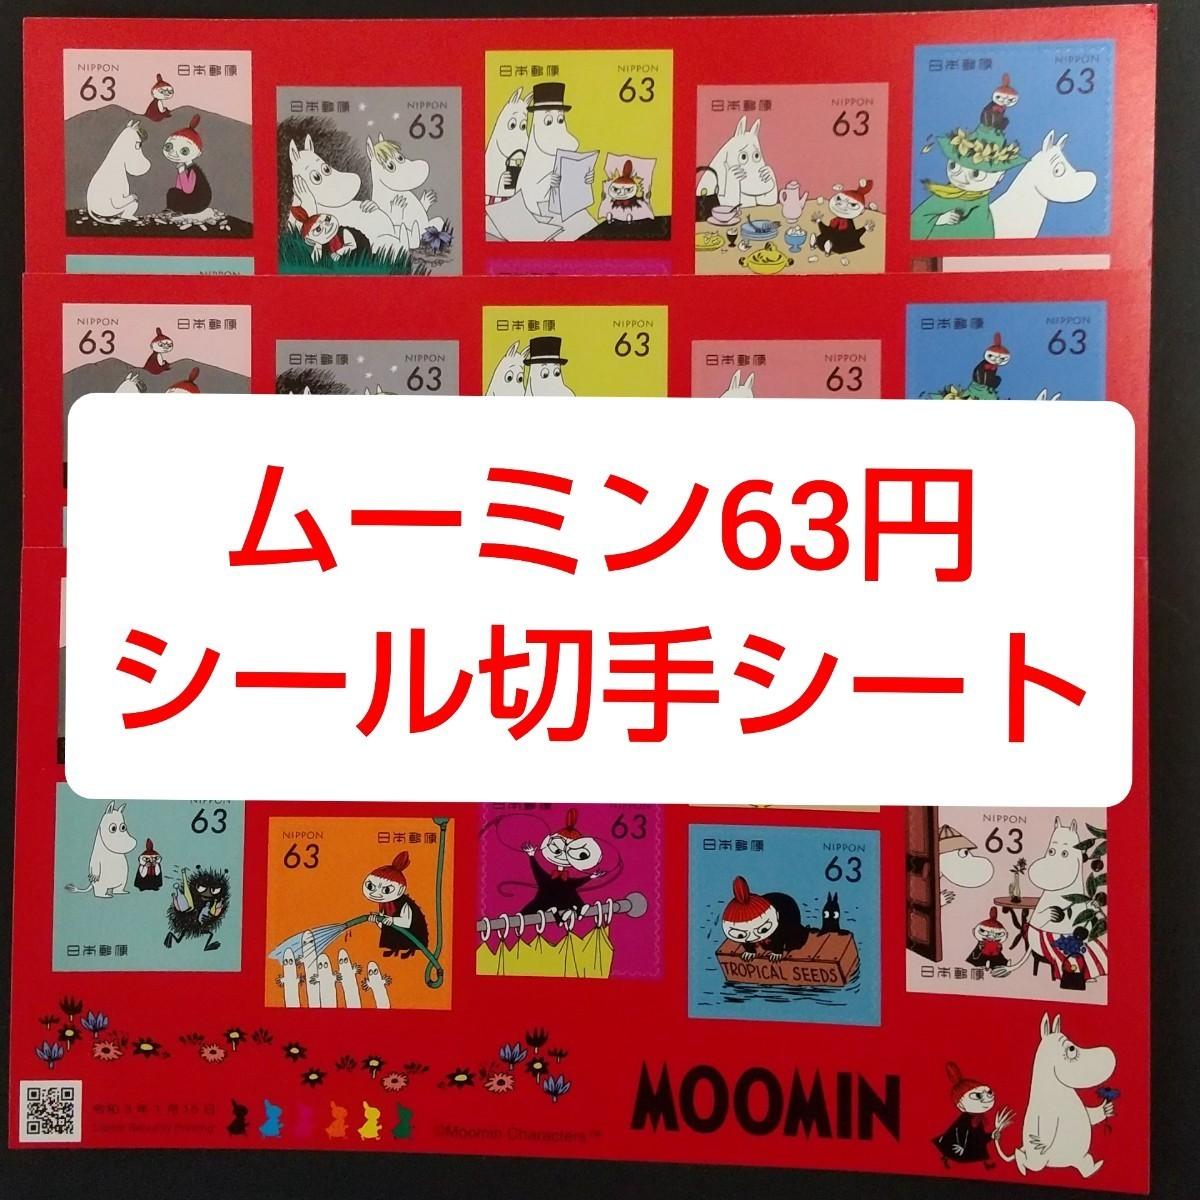 ムーミン 63円 シール切手 10シート 6300円分  シール式切手 記念切手